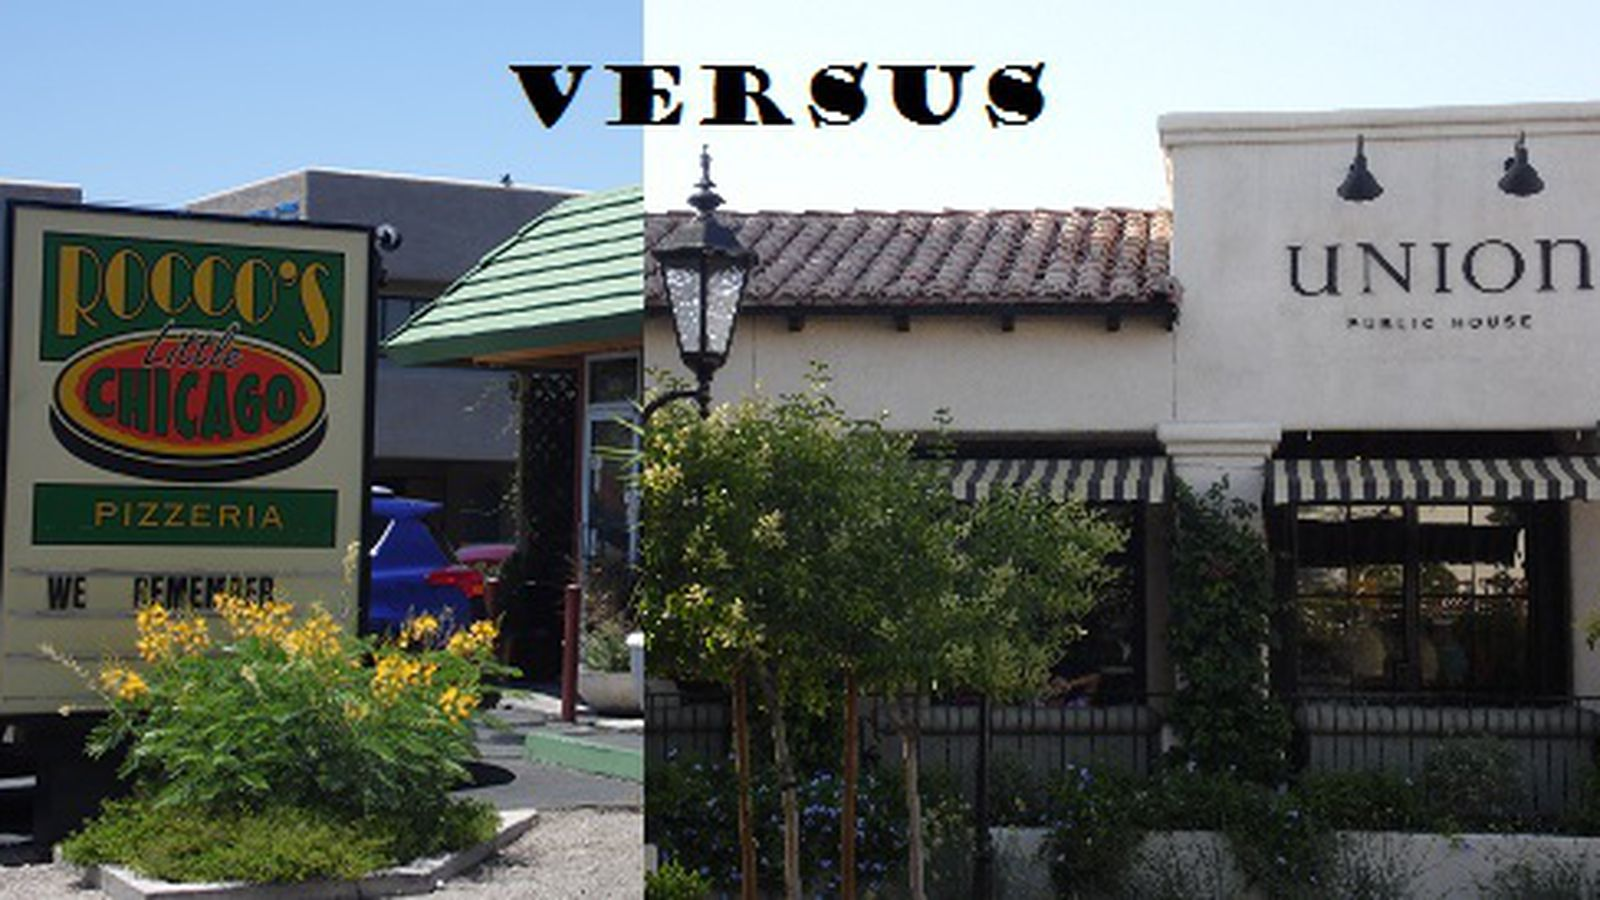 Rocco_s_vs._union.0.0